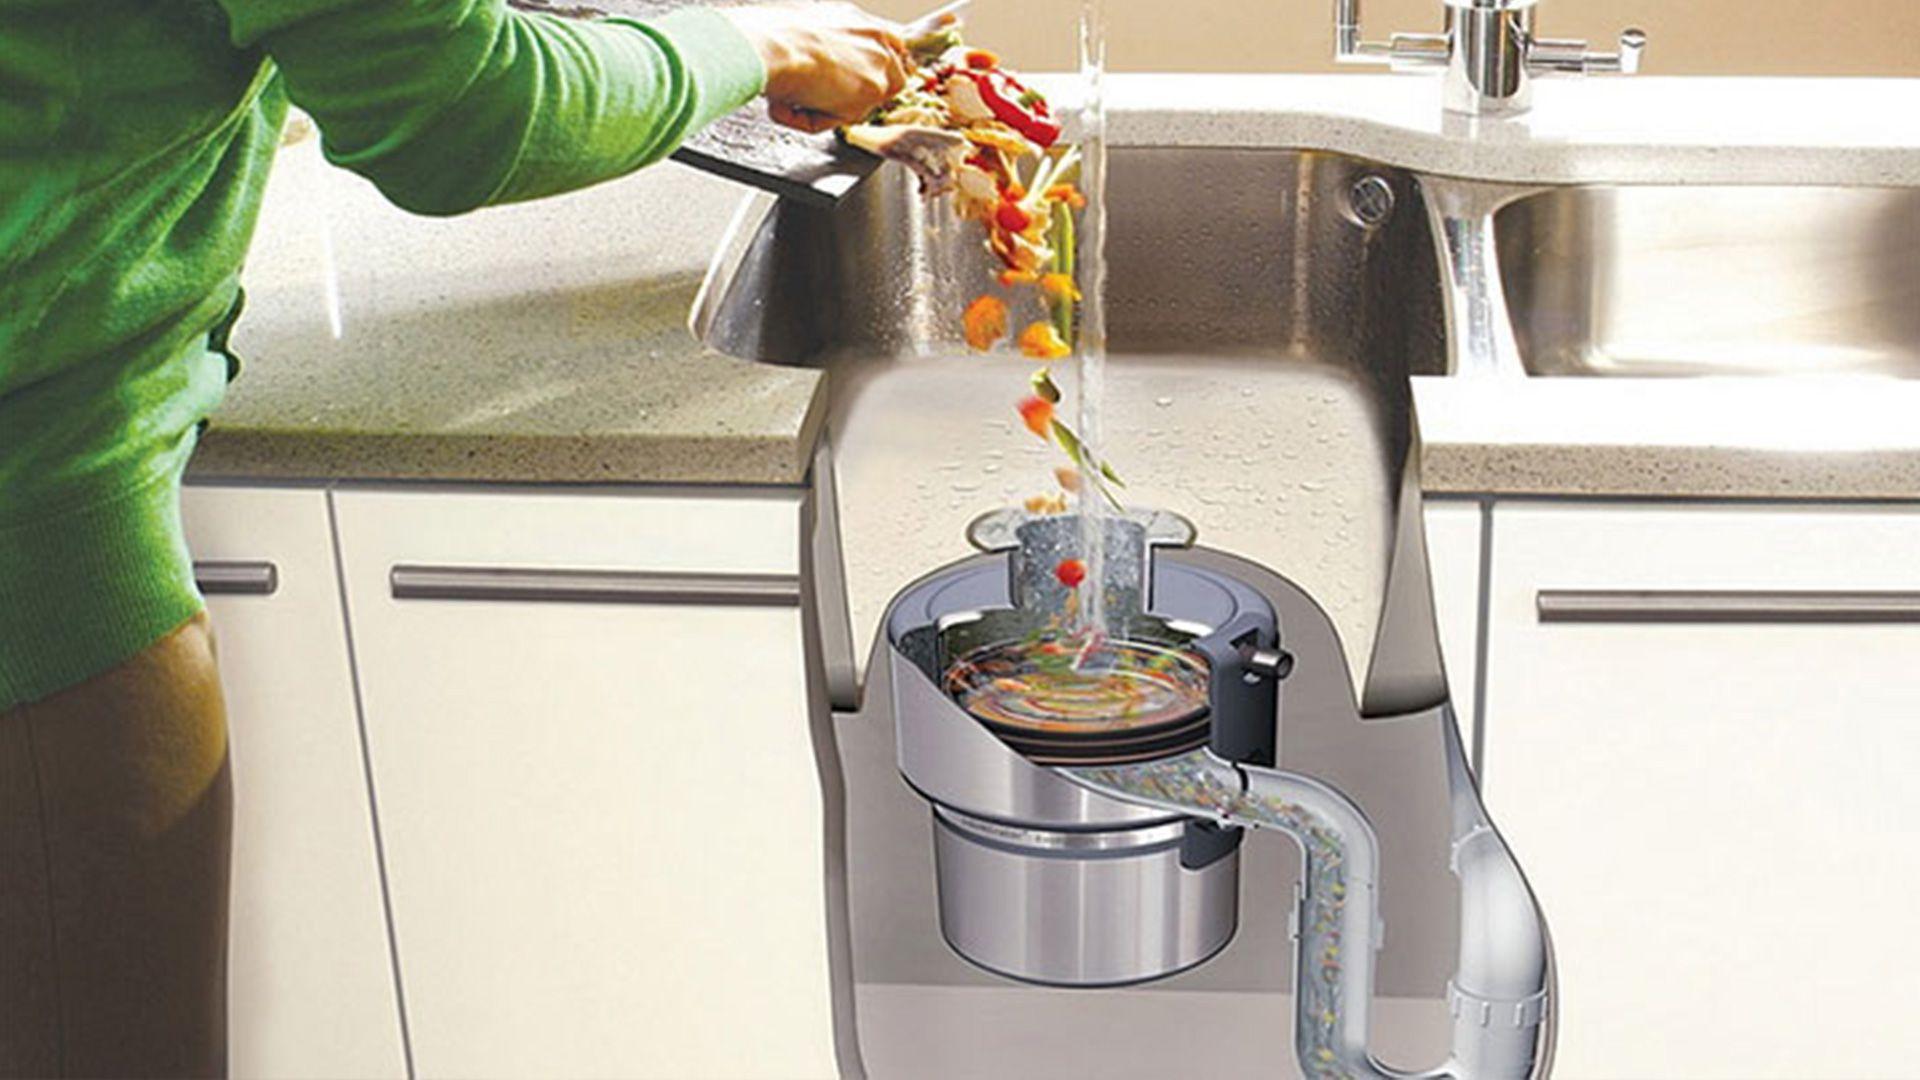 Garbage Disposal System Best Practices Garbage Disposal Repair